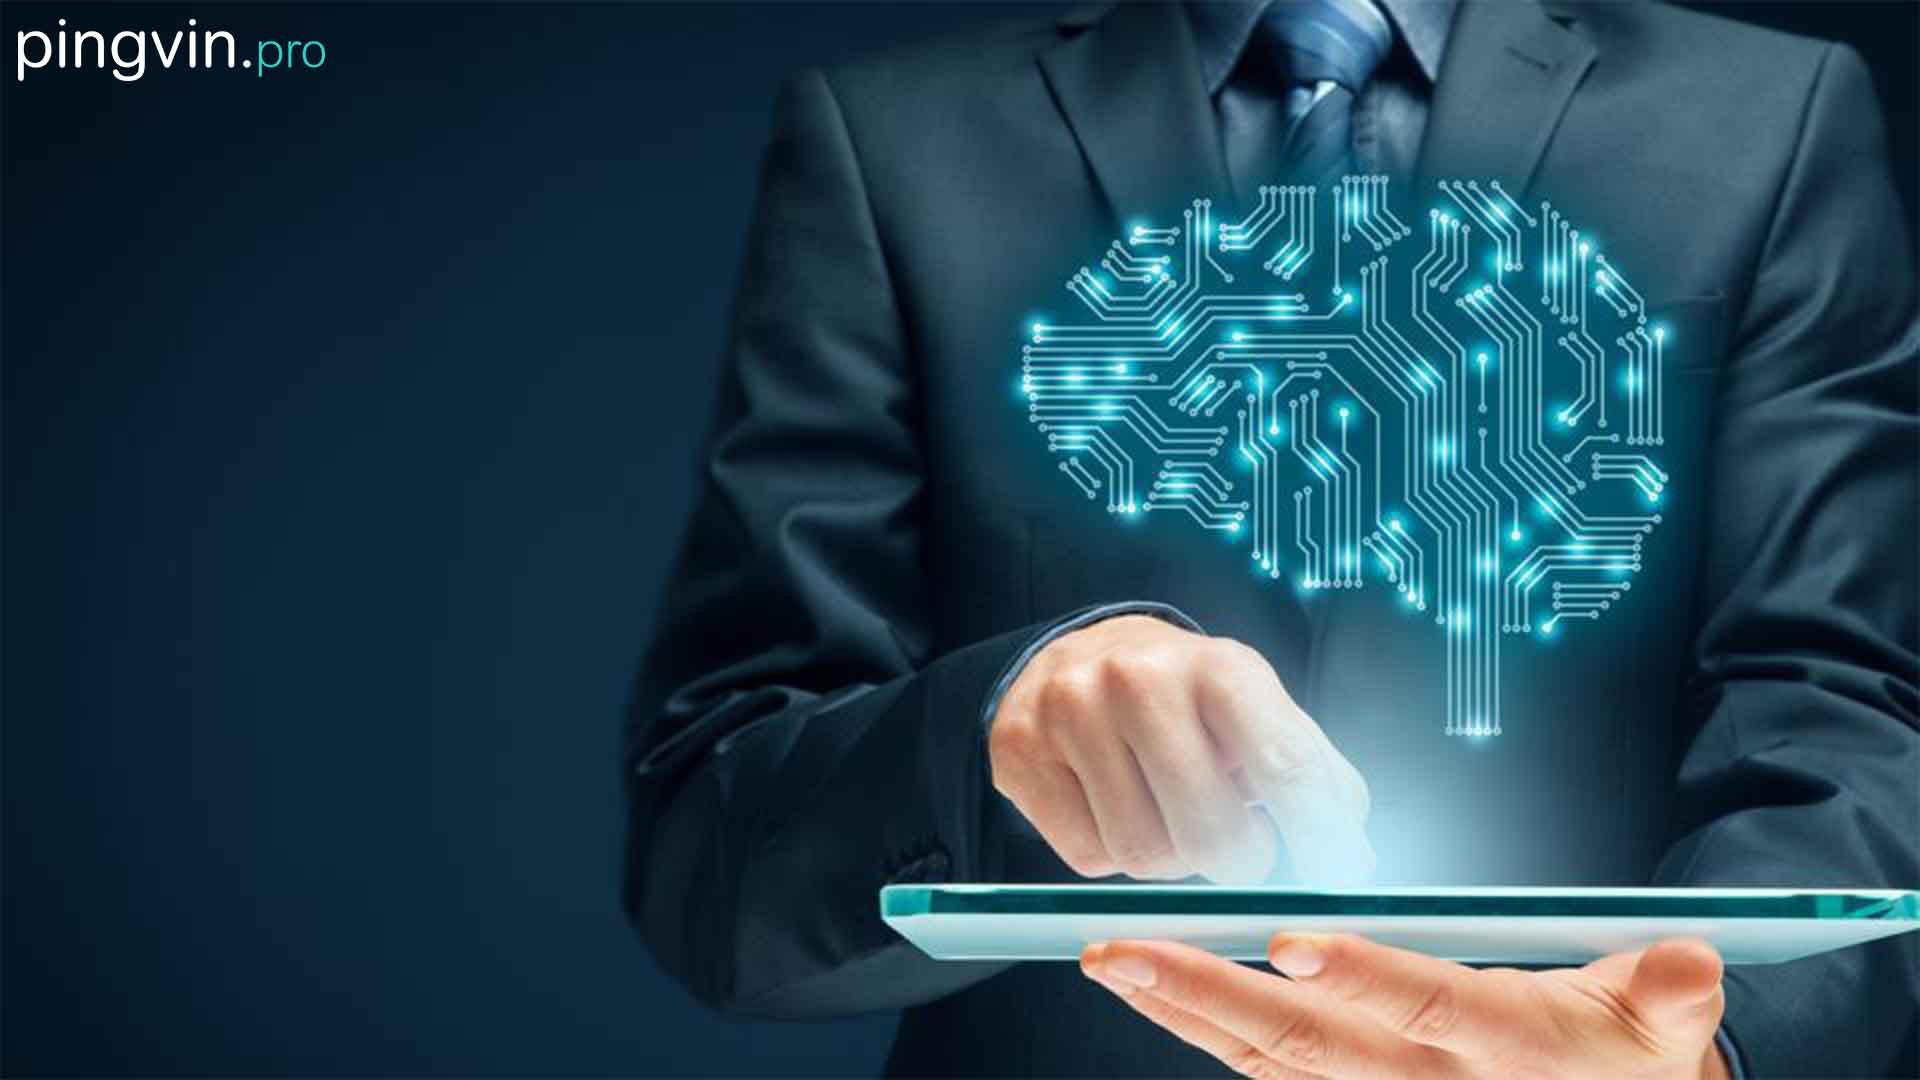 Штучний інтелект дозволить говорити без слів